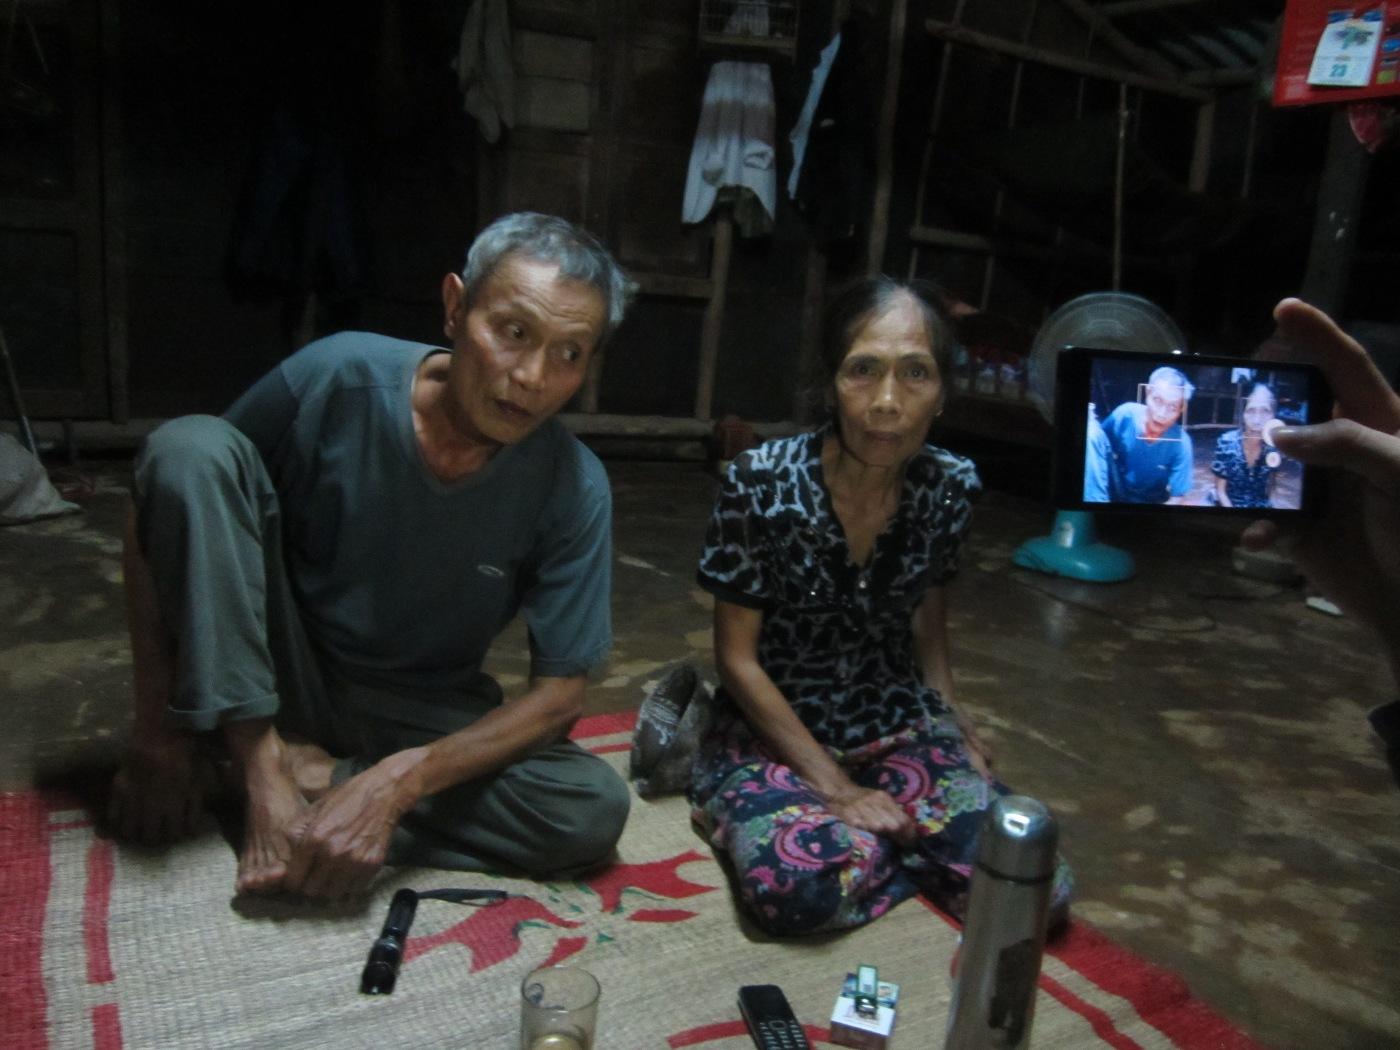 Án mạng ở Quảng Trị: Thai phụ dũng cảm cứu bé 4 tuổi - 2